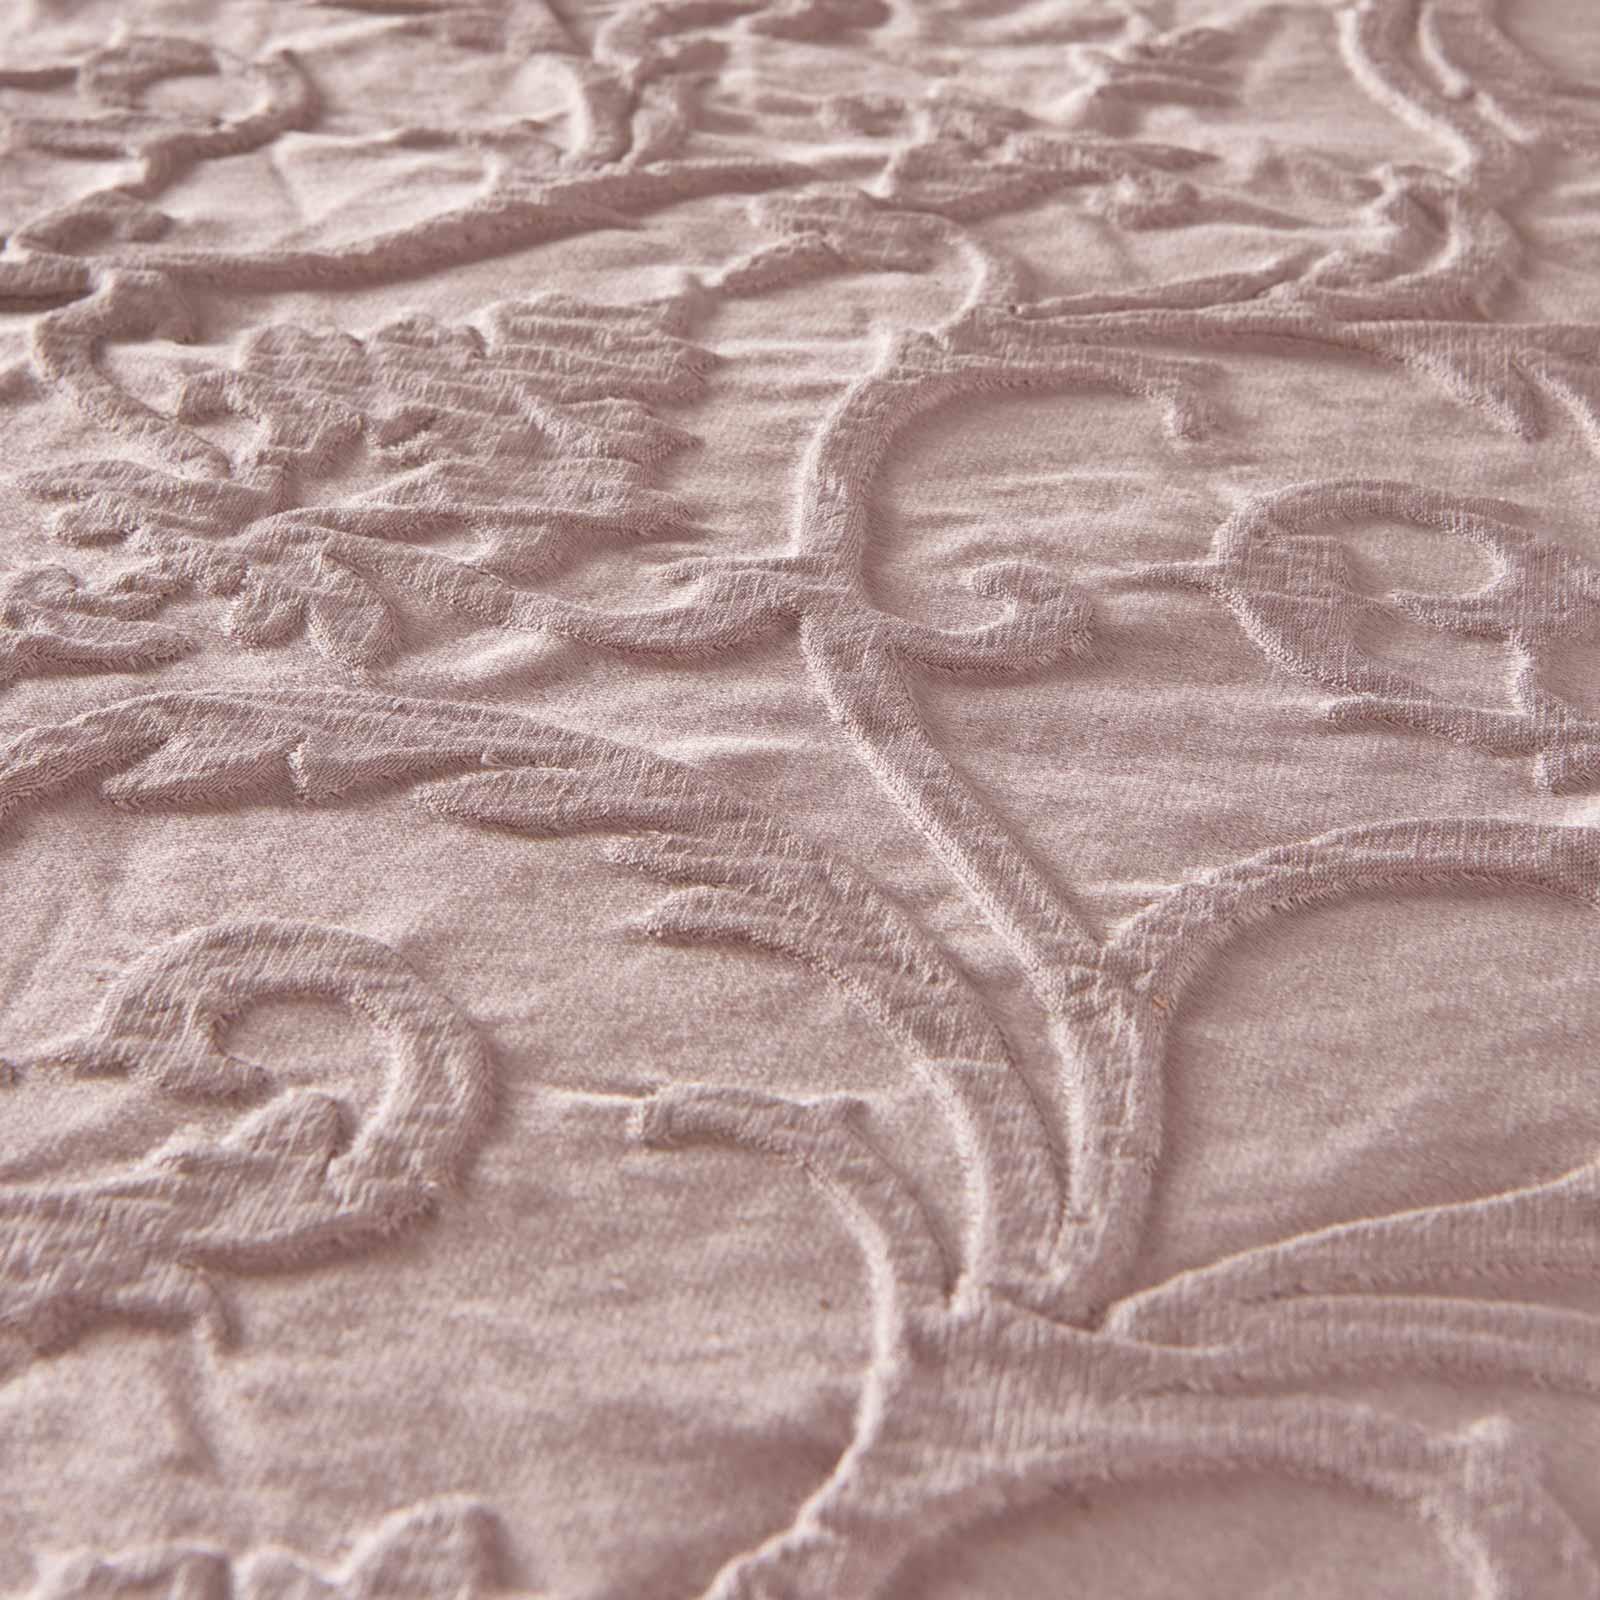 Blush-fundas-nordicas-Rosa-con-Textura-Jacquard-Edredon-Cubierta-de-Lujo-Coleccion-de-ropa-de-cama miniatura 5